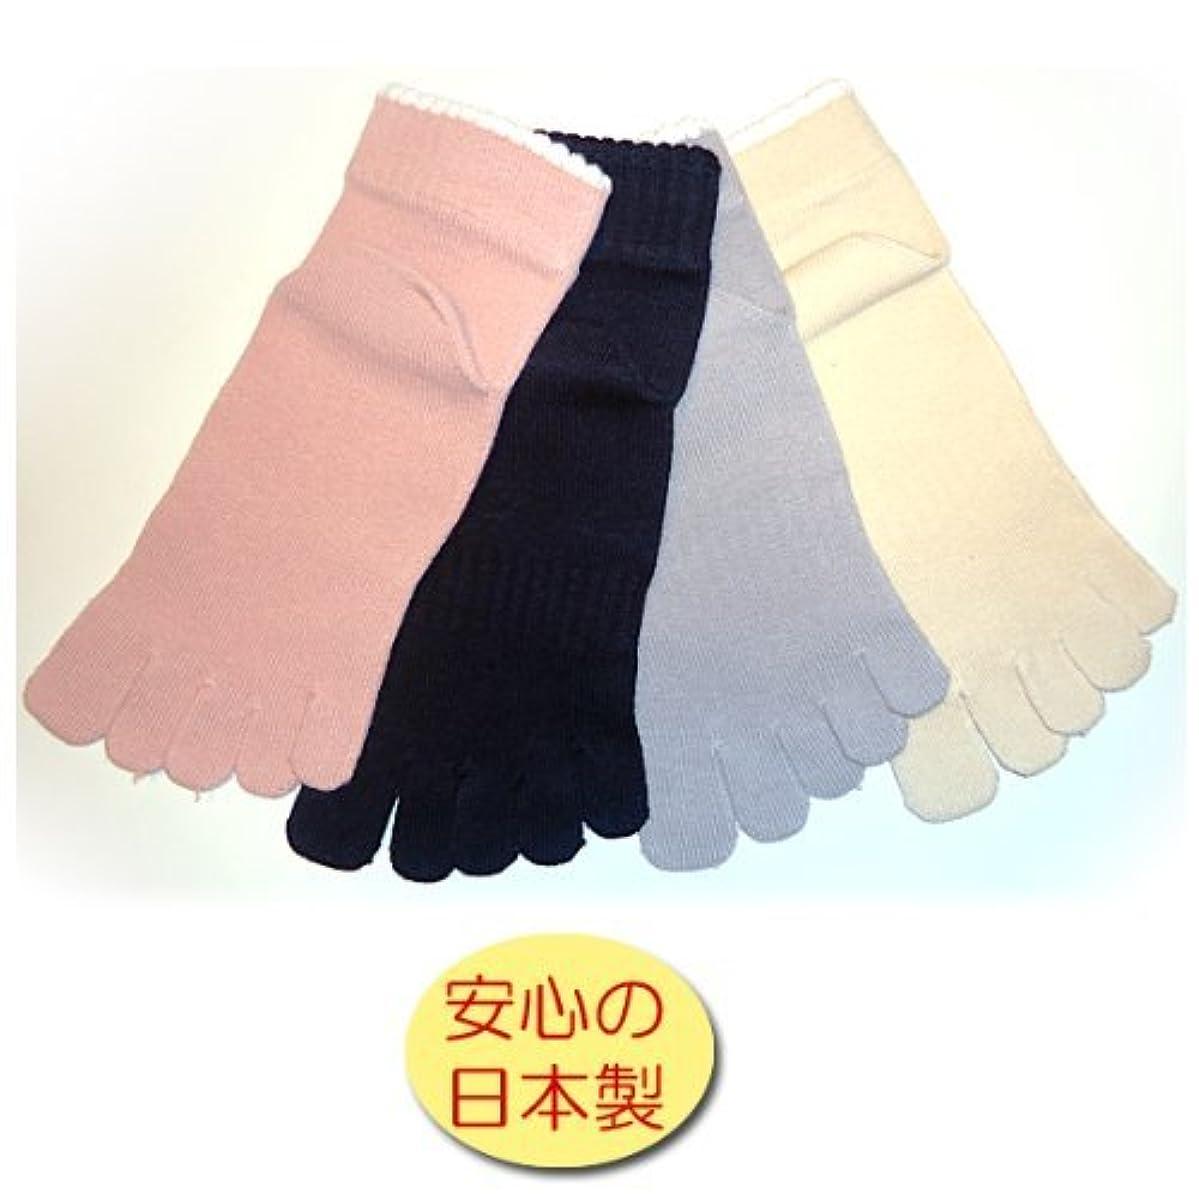 残酷孤児薬を飲む日本製 5本指ソックス ショートソックス【21~25cm】 足に優しい表糸綿100%  お買得4足組